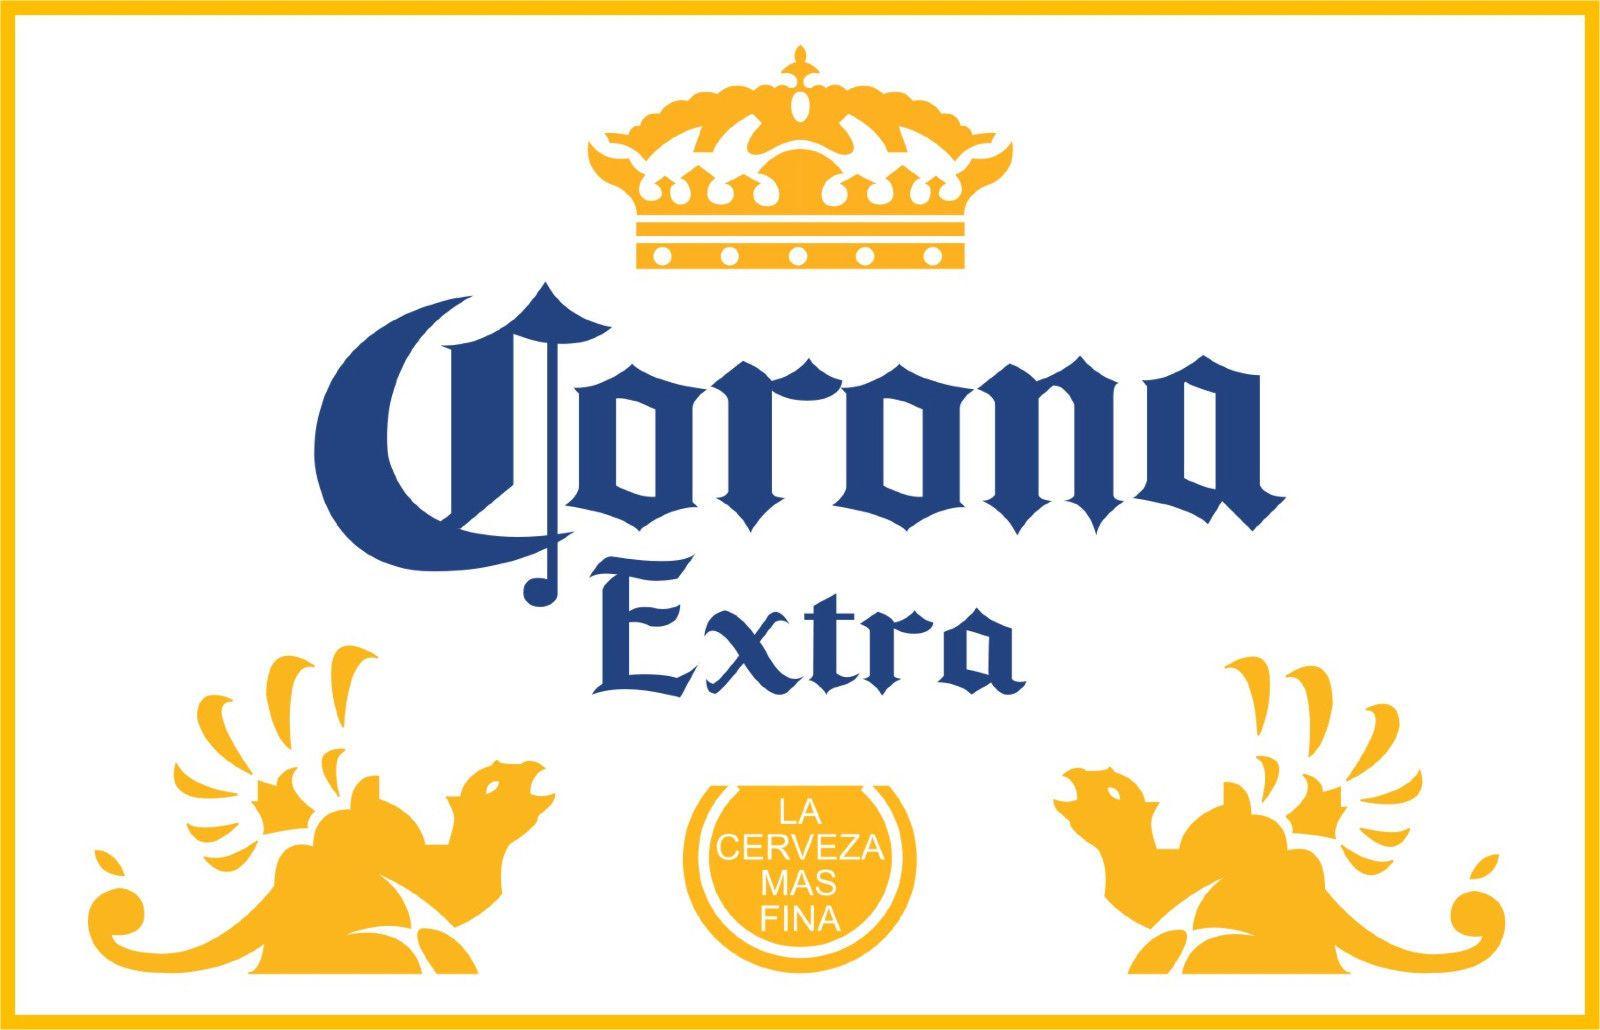 Corona Extra Wall Decal Decor Stickers Vinyl